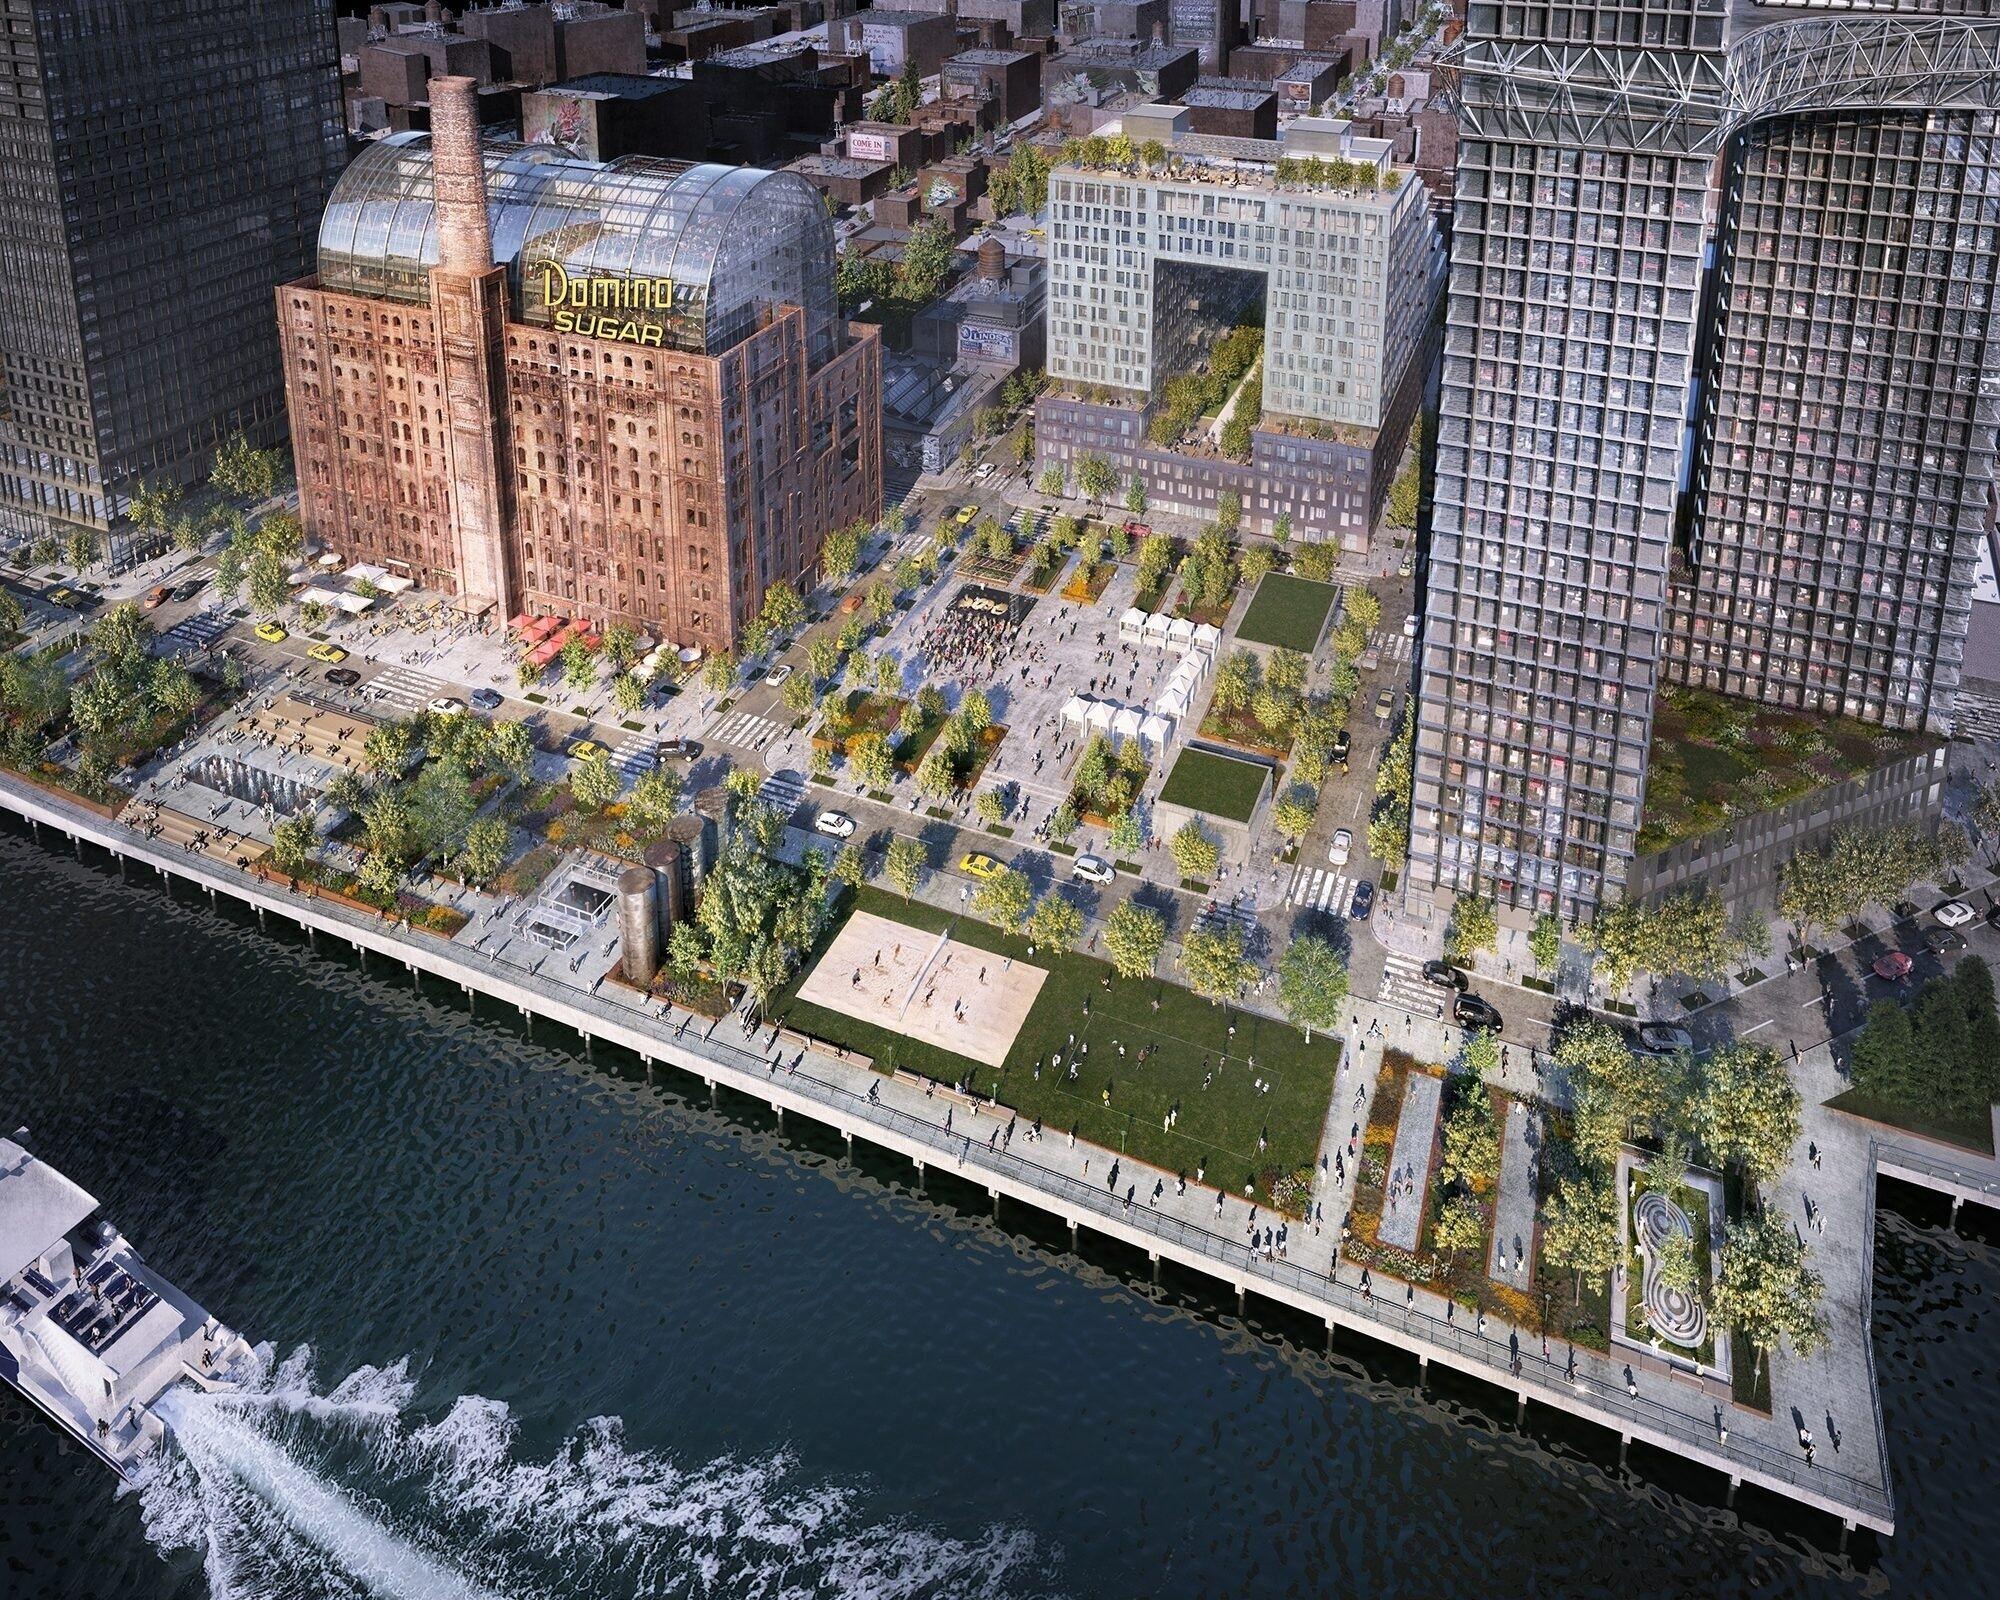 У Нью-Йорку на місці колишнього цукрового заводу з'явилися житловий квартал і парк Domino